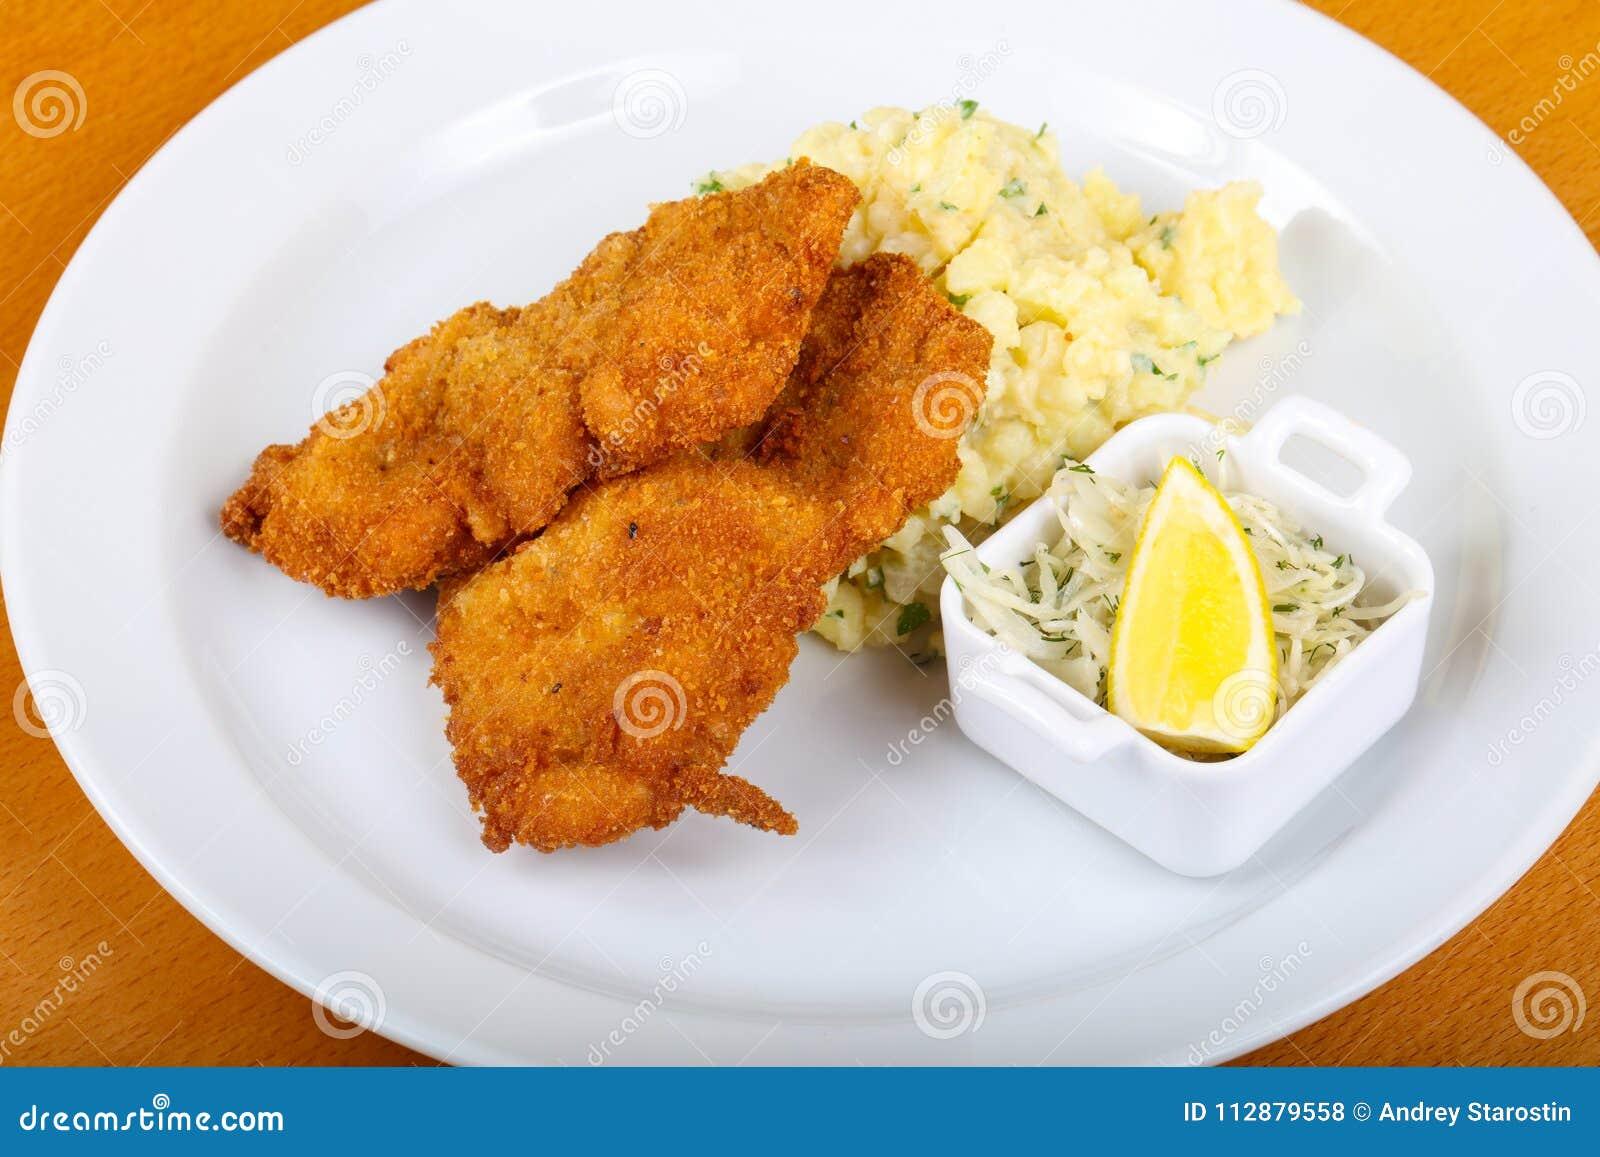 Tsjechische keuken - schnitzel